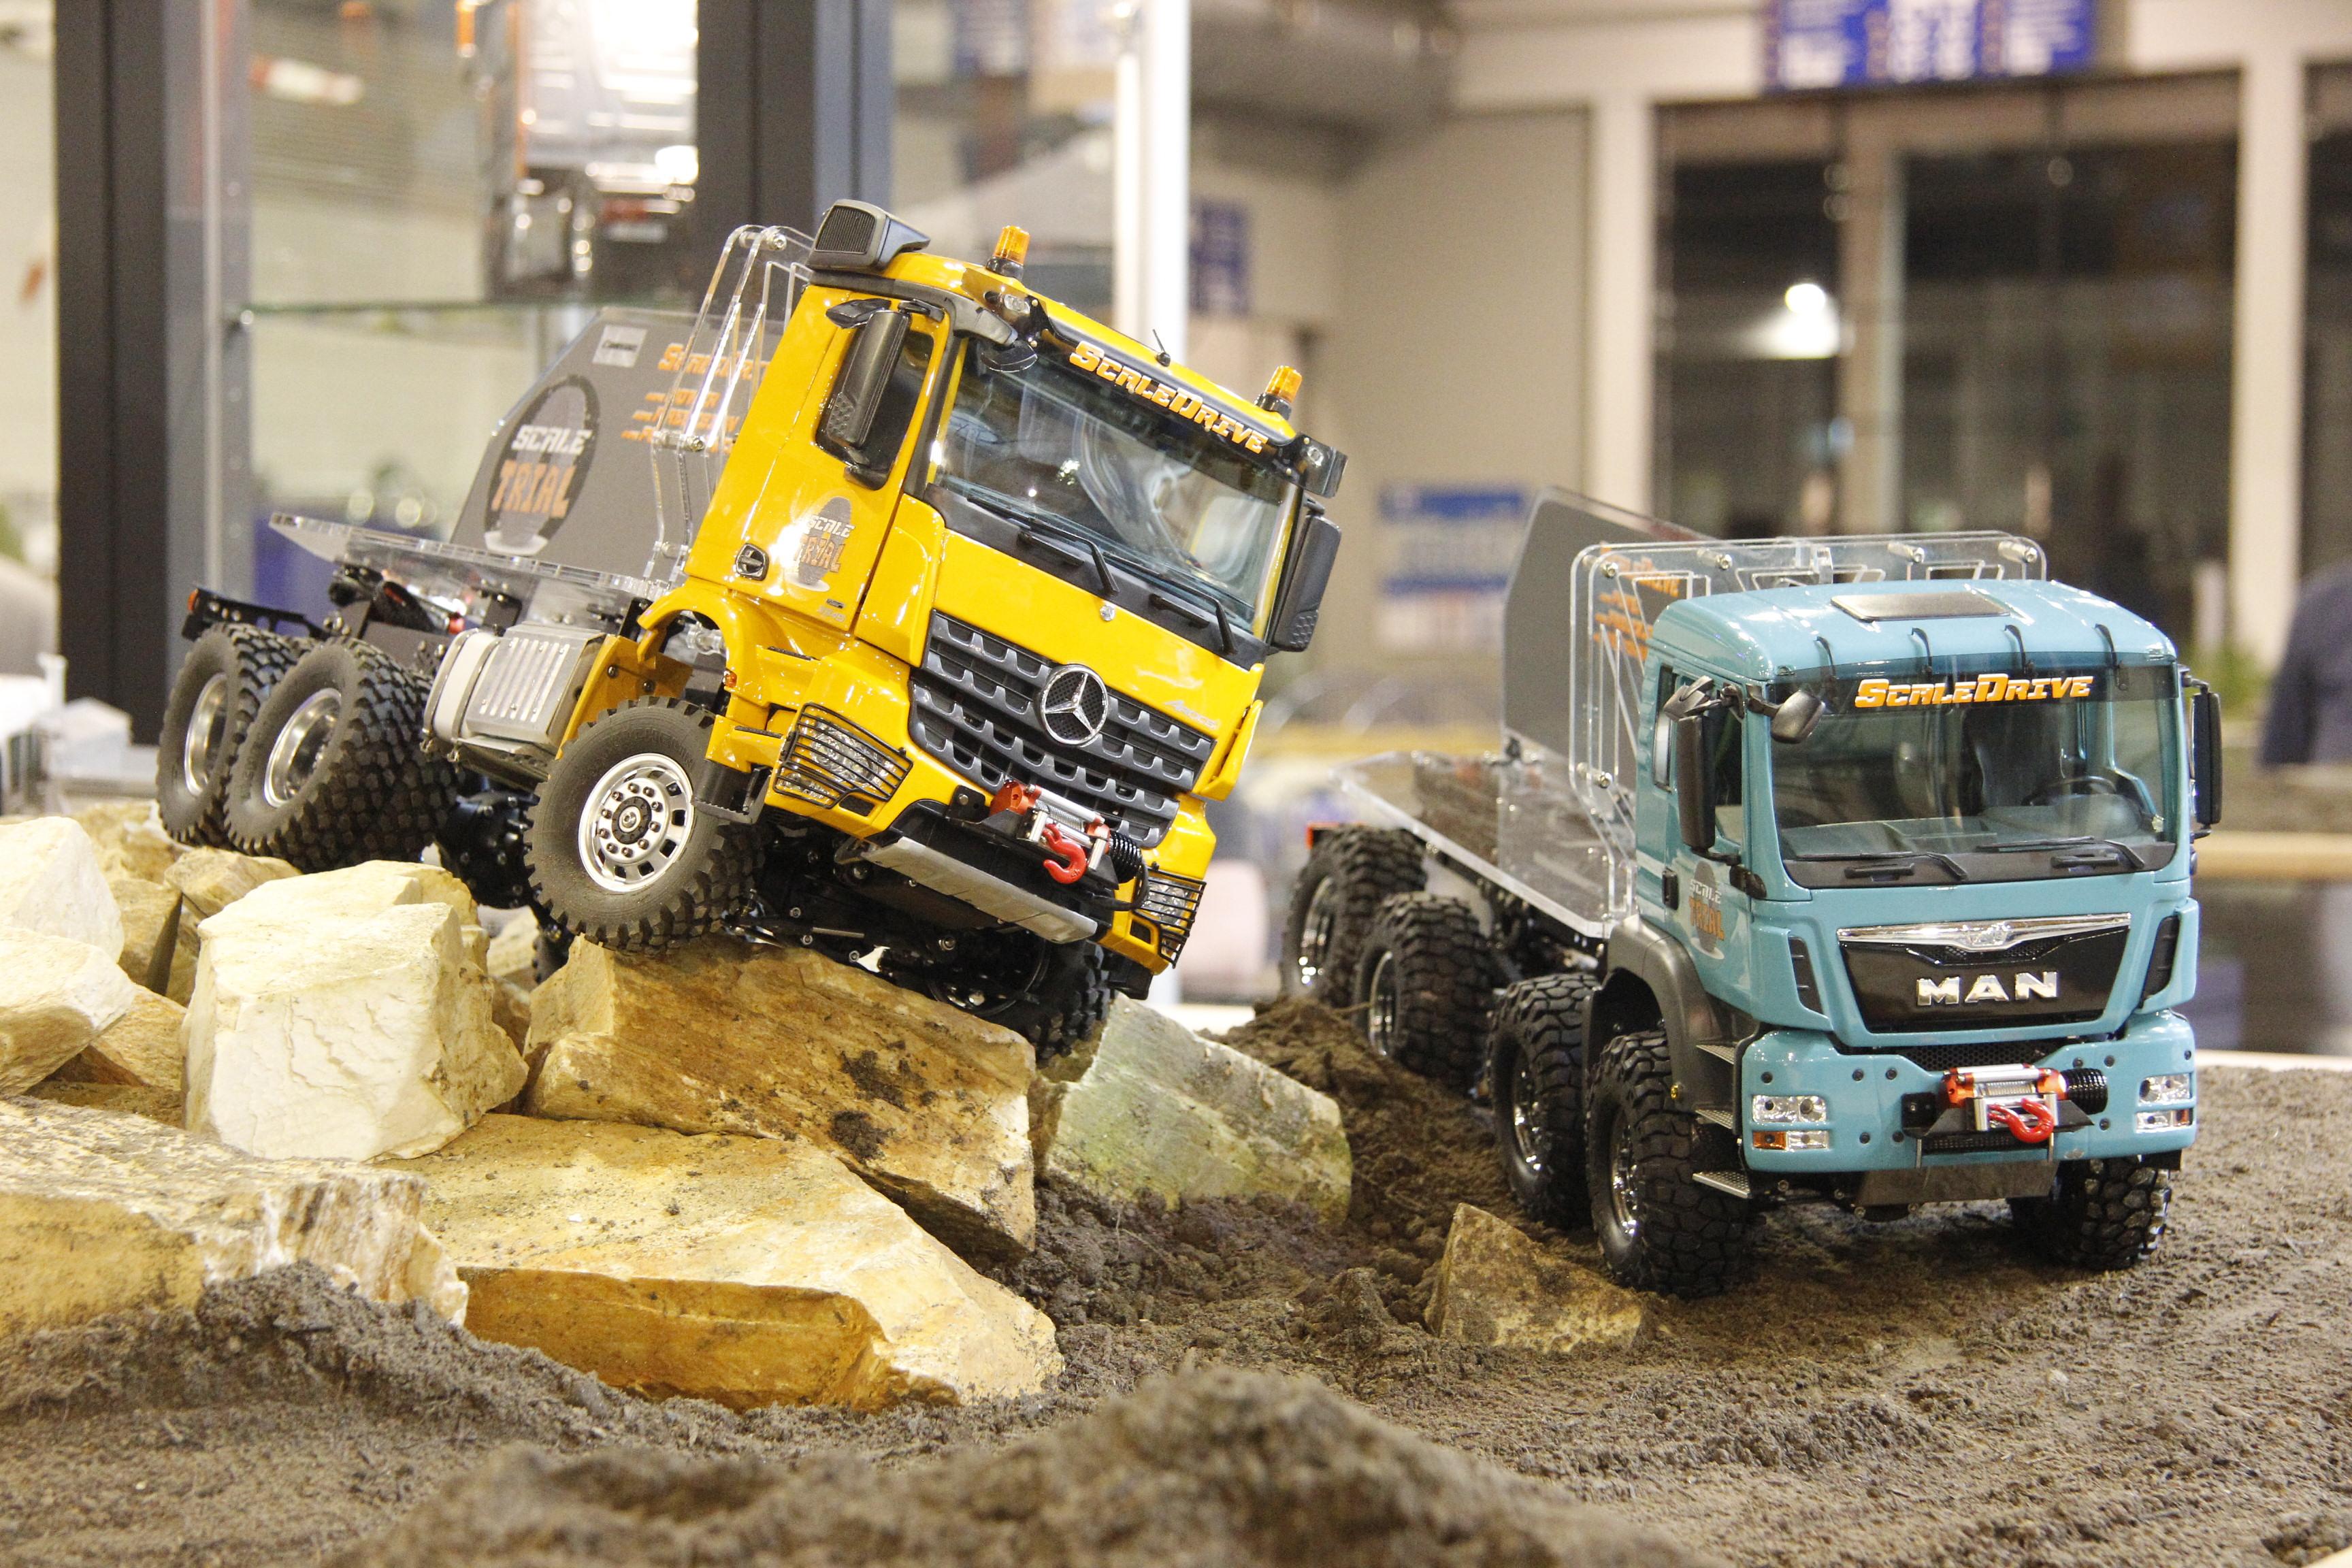 ScaleTrial-Vorführstandmodelle in Friedrichshafen